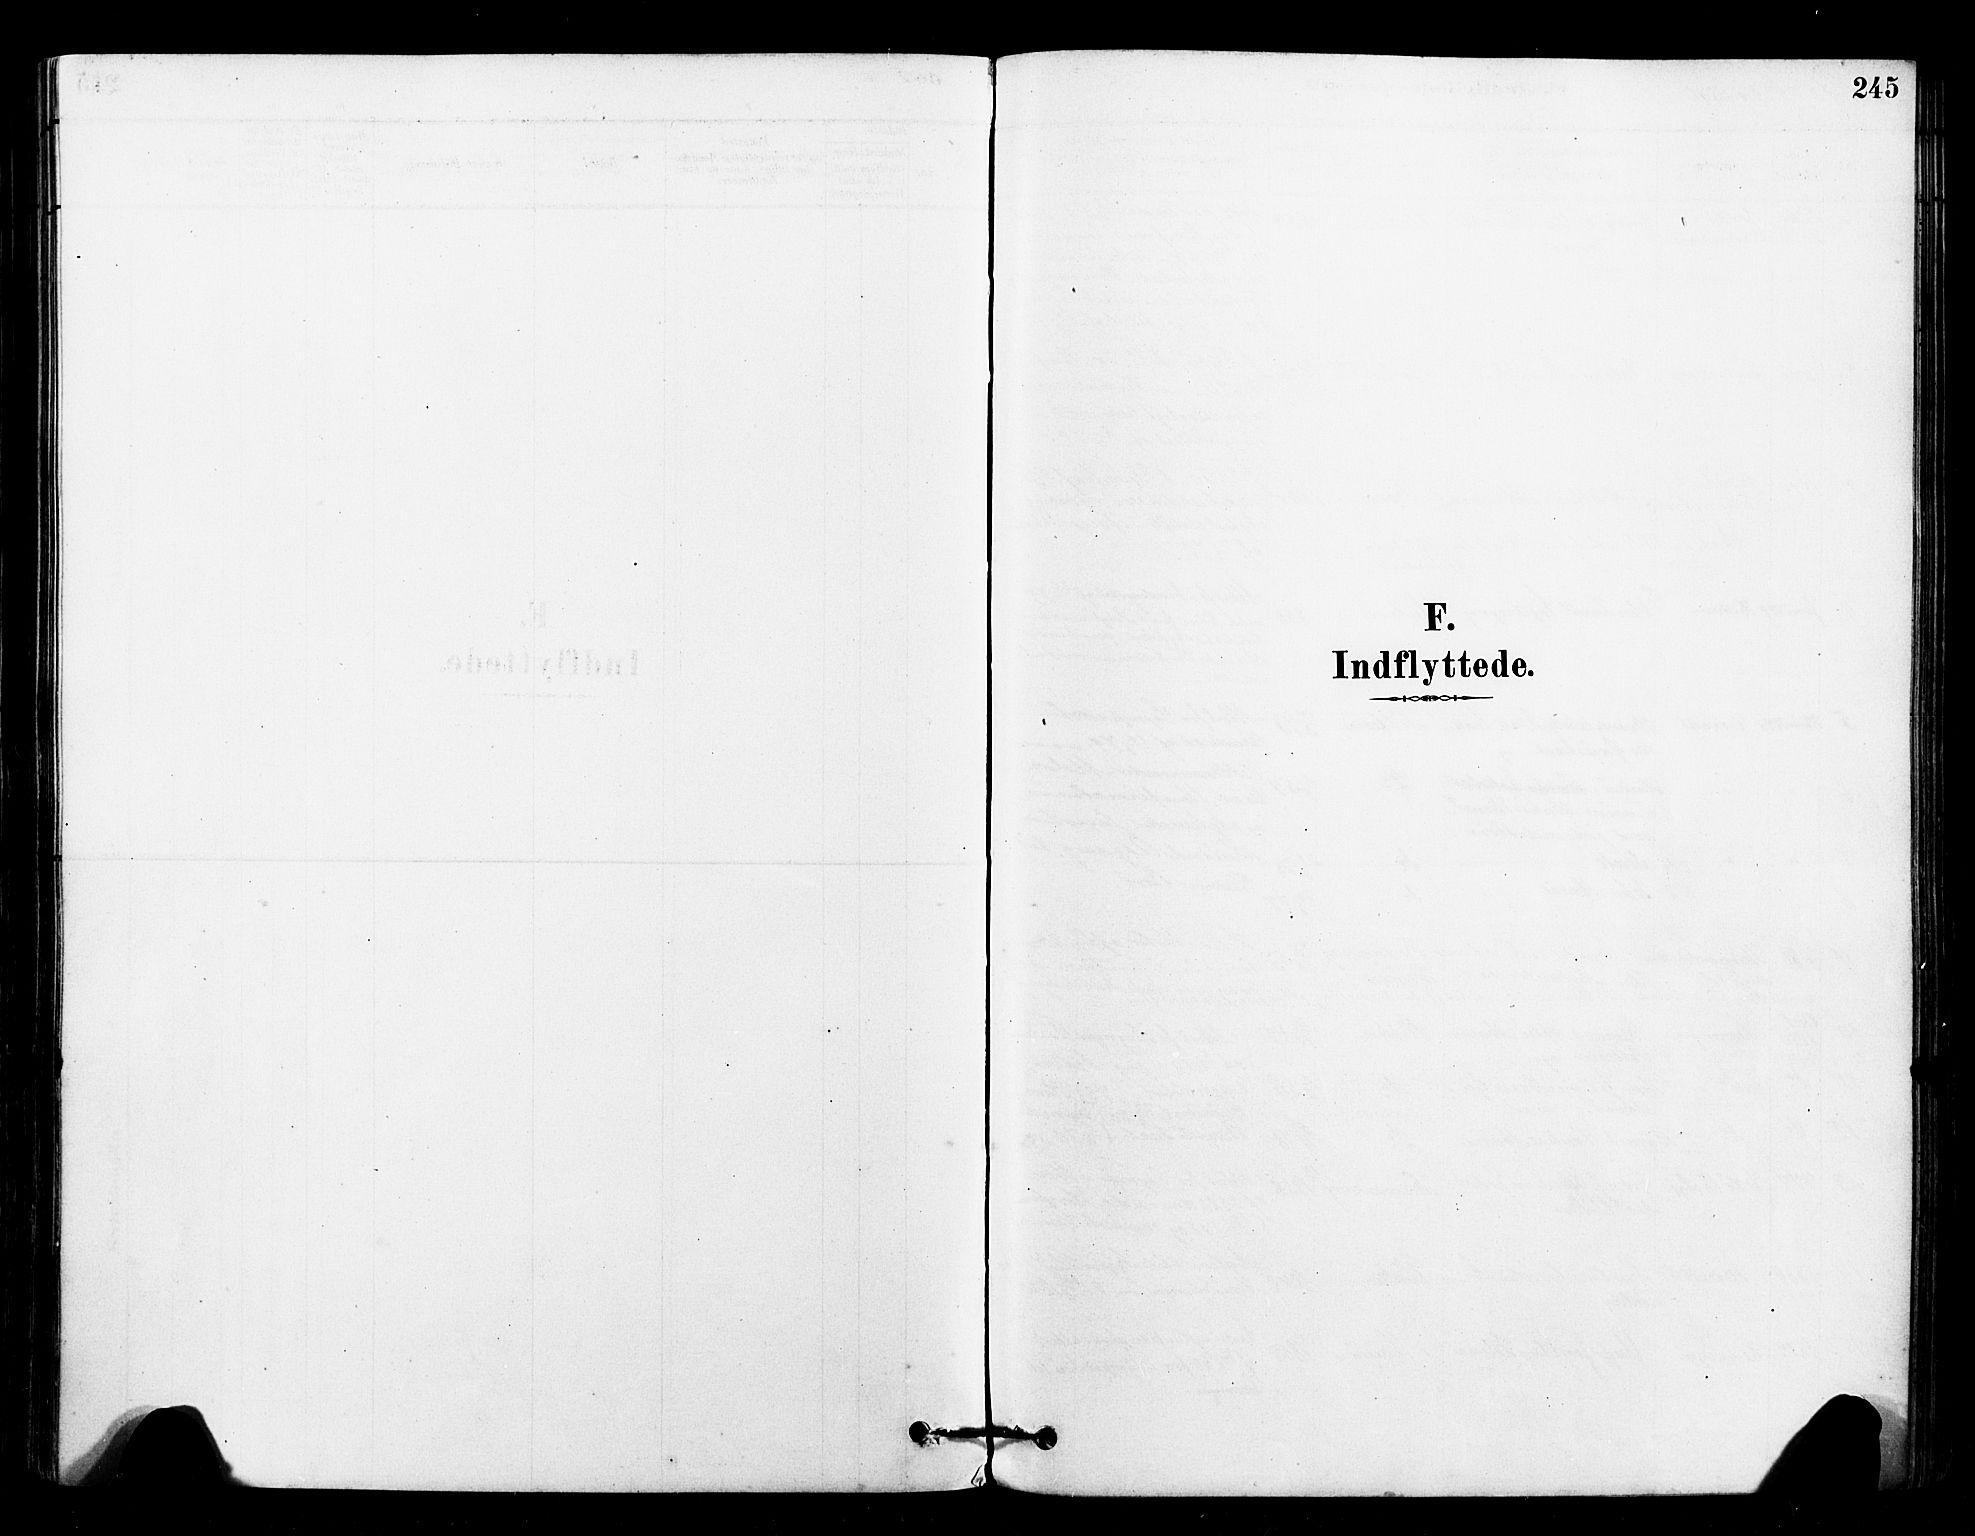 SAT, Ministerialprotokoller, klokkerbøker og fødselsregistre - Sør-Trøndelag, 640/L0578: Ministerialbok nr. 640A03, 1879-1889, s. 245